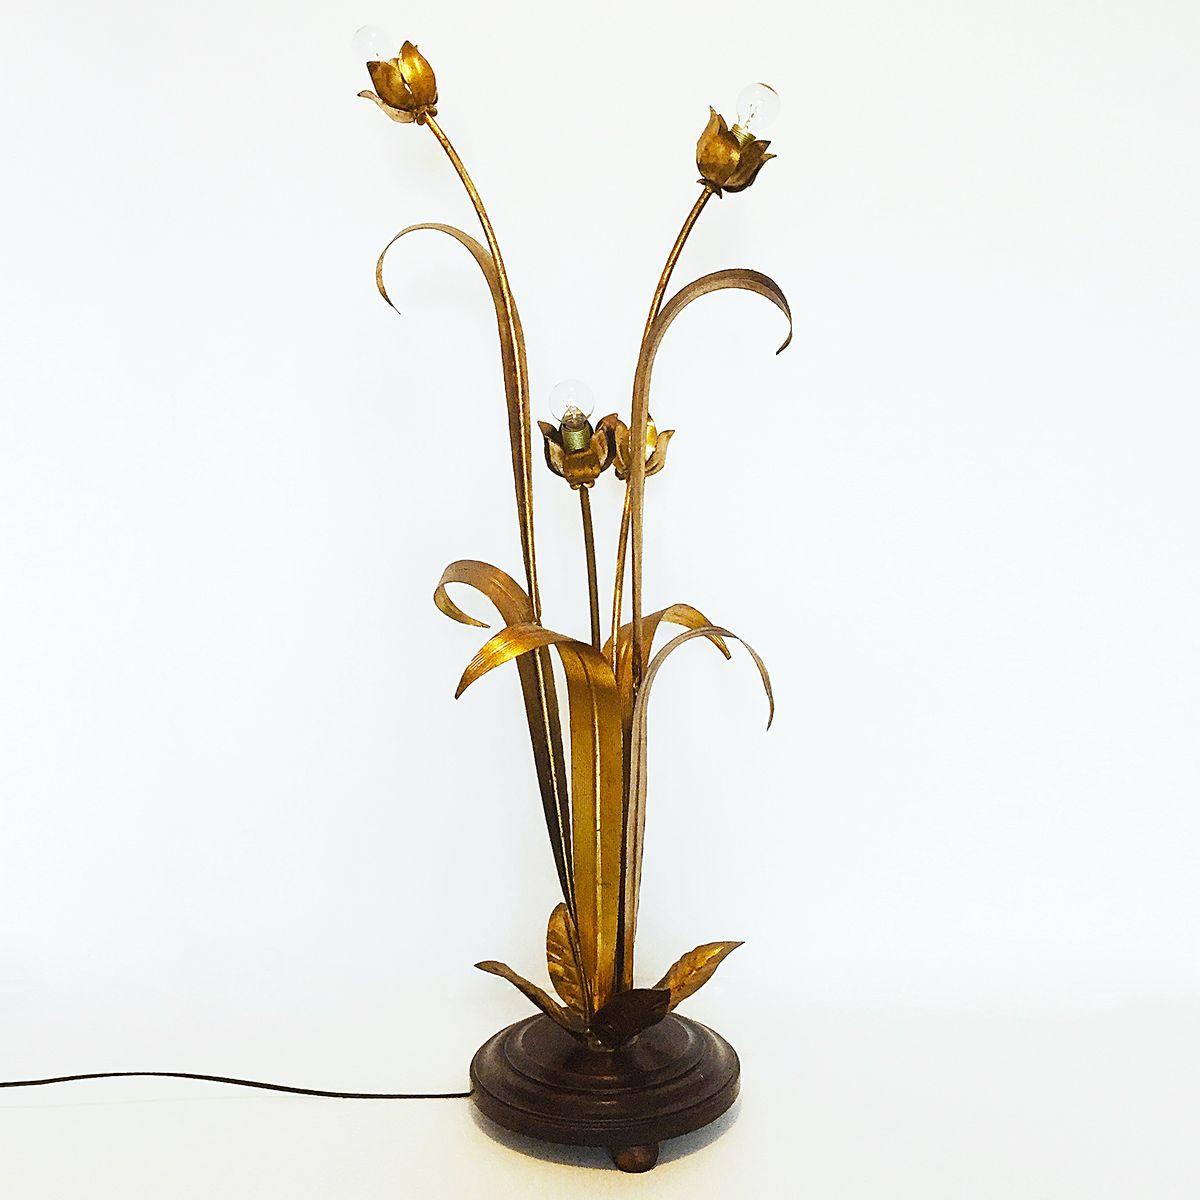 Vergoldete Florale Stehlampe, 1960er